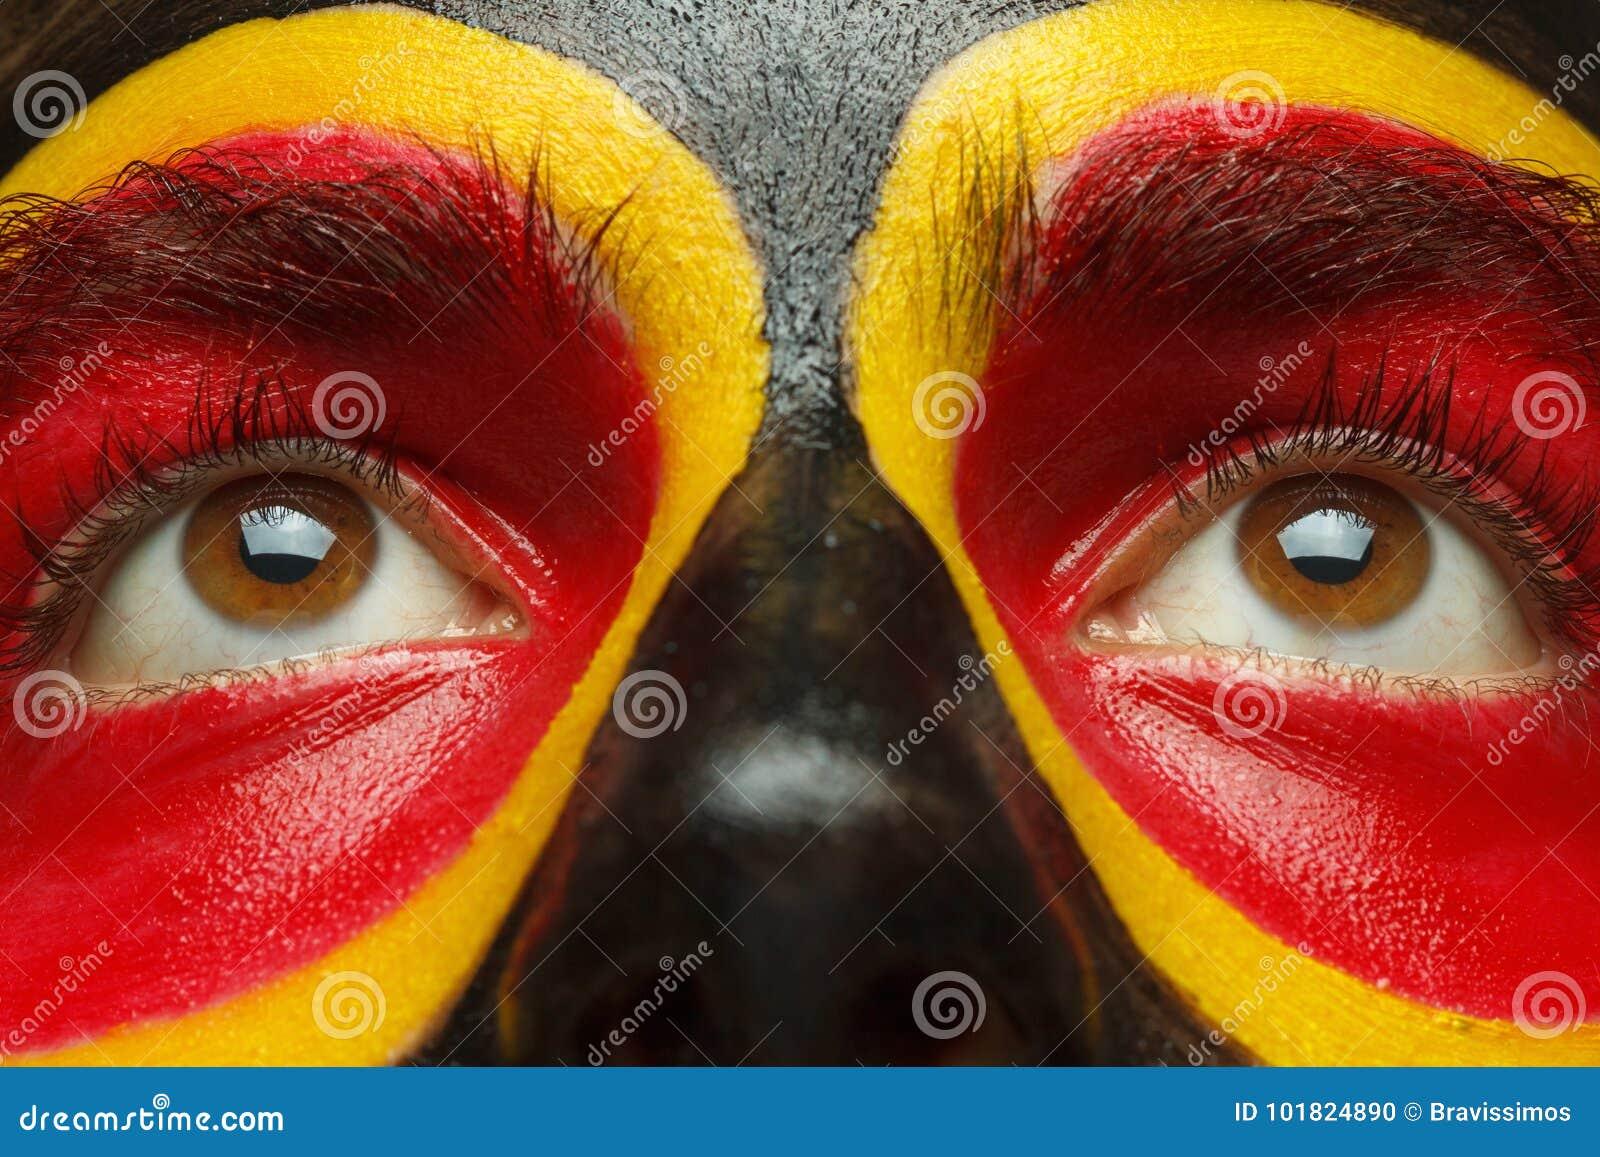 Eyes Of German Or Belgian Sports Fan Patriot. Painted ...